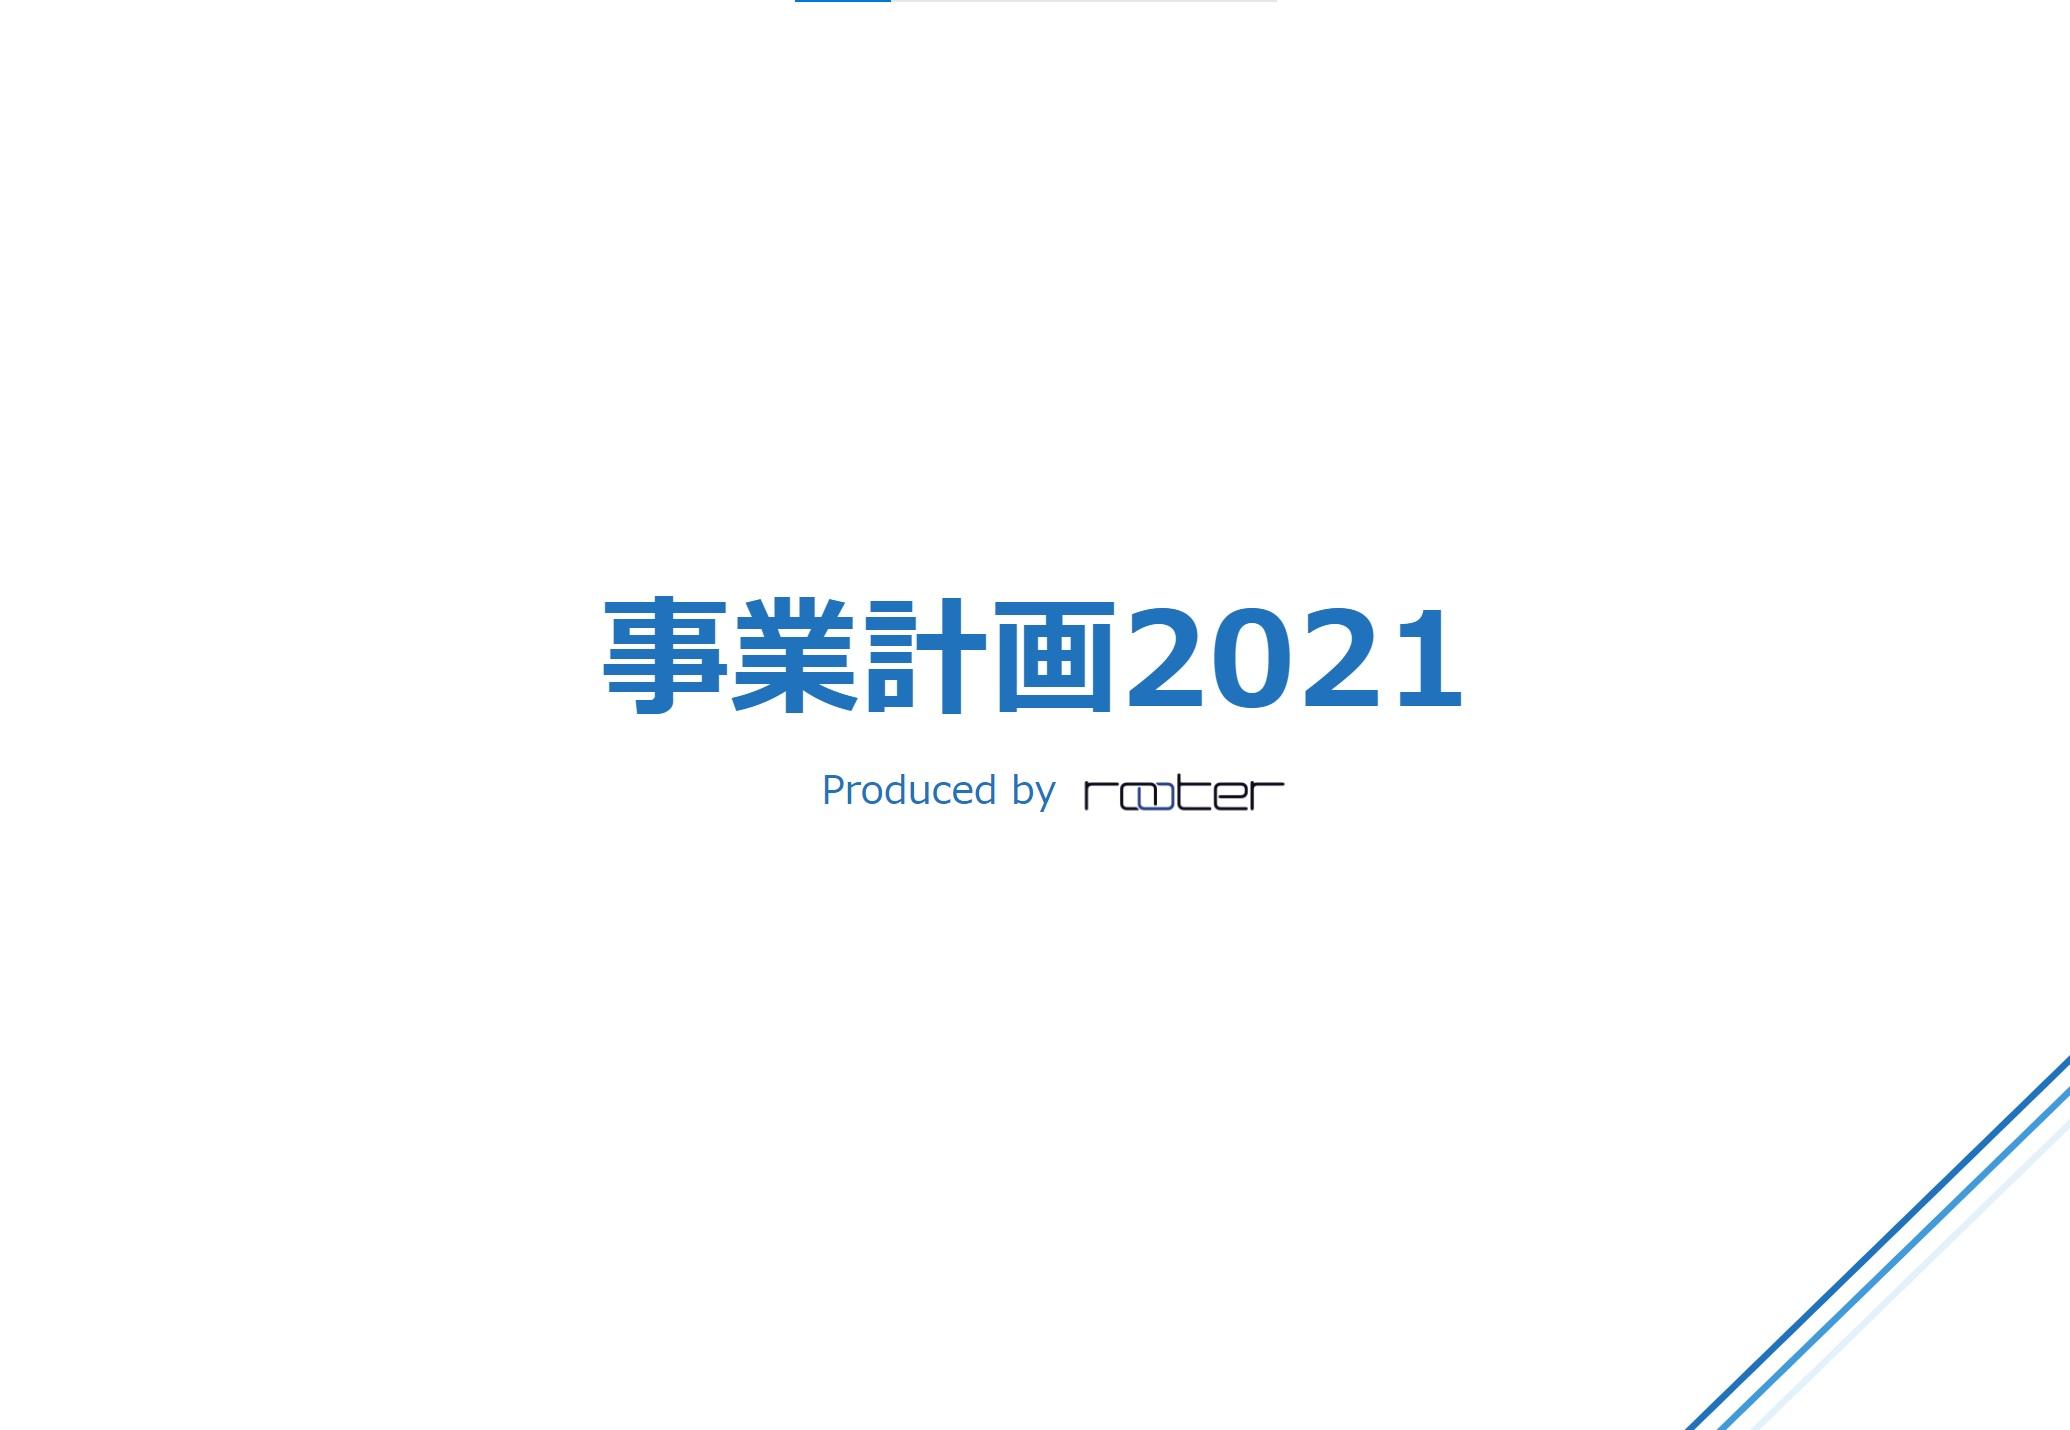 株式会社ルーター 2021年度事業計画